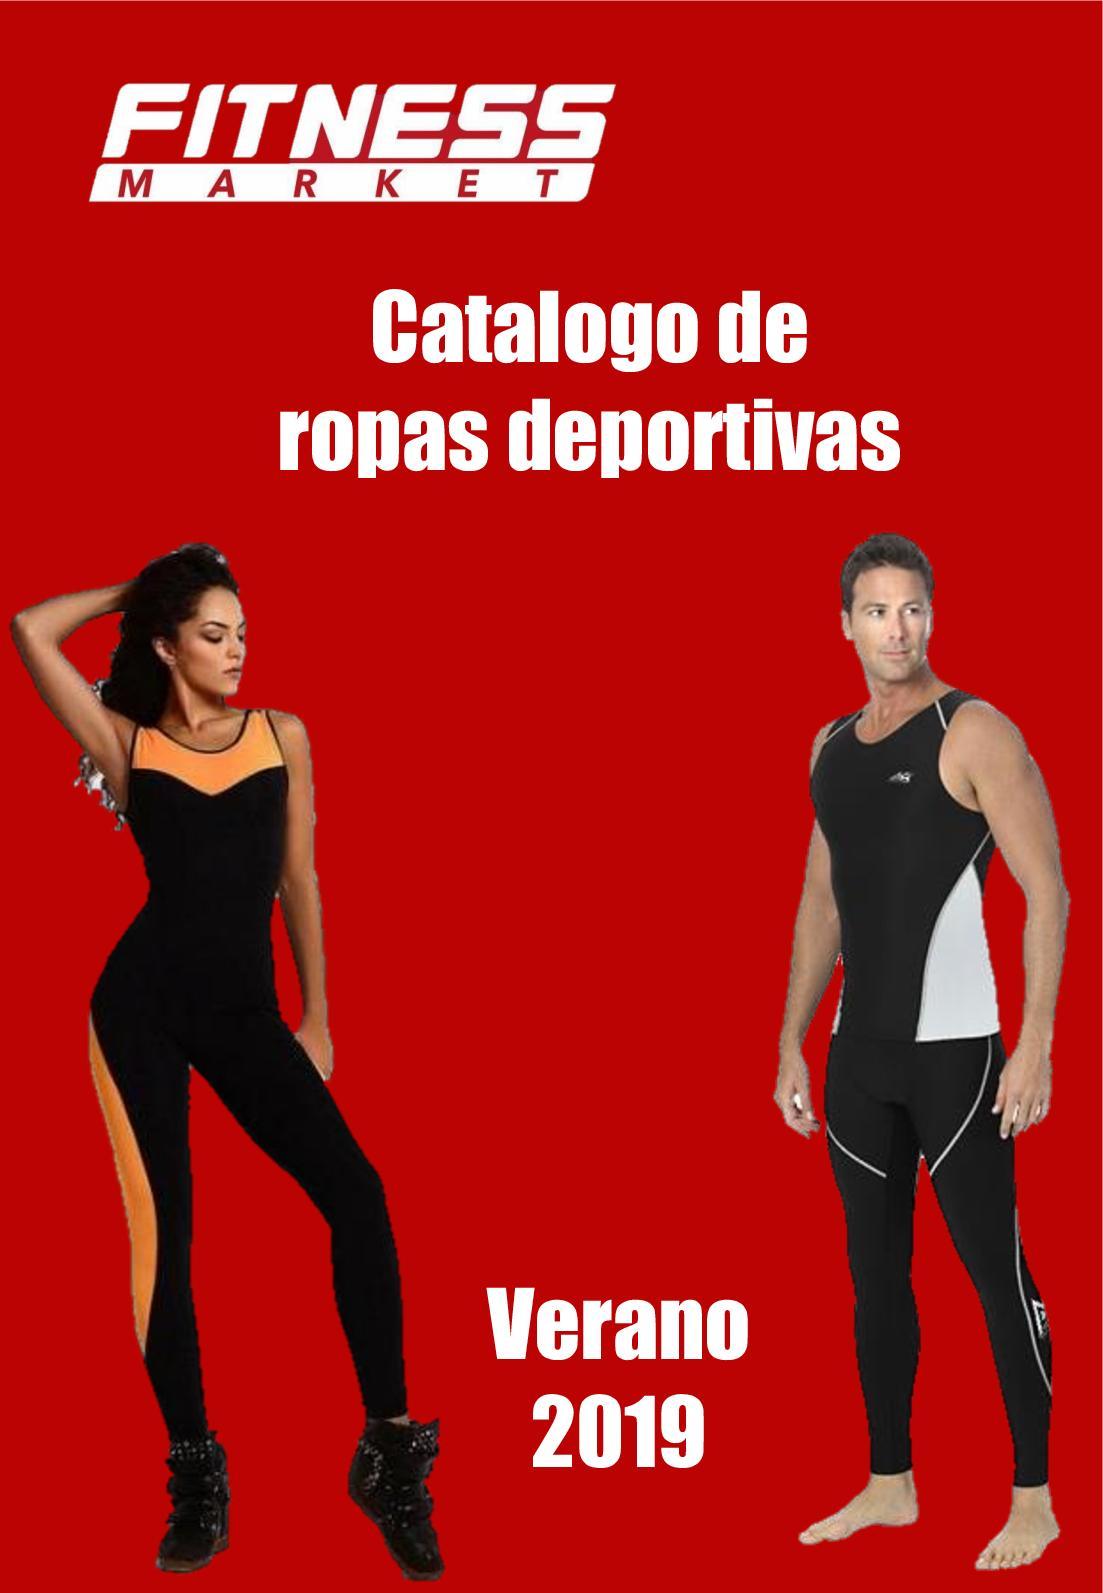 Catalogo Saenz Palomino Enrique